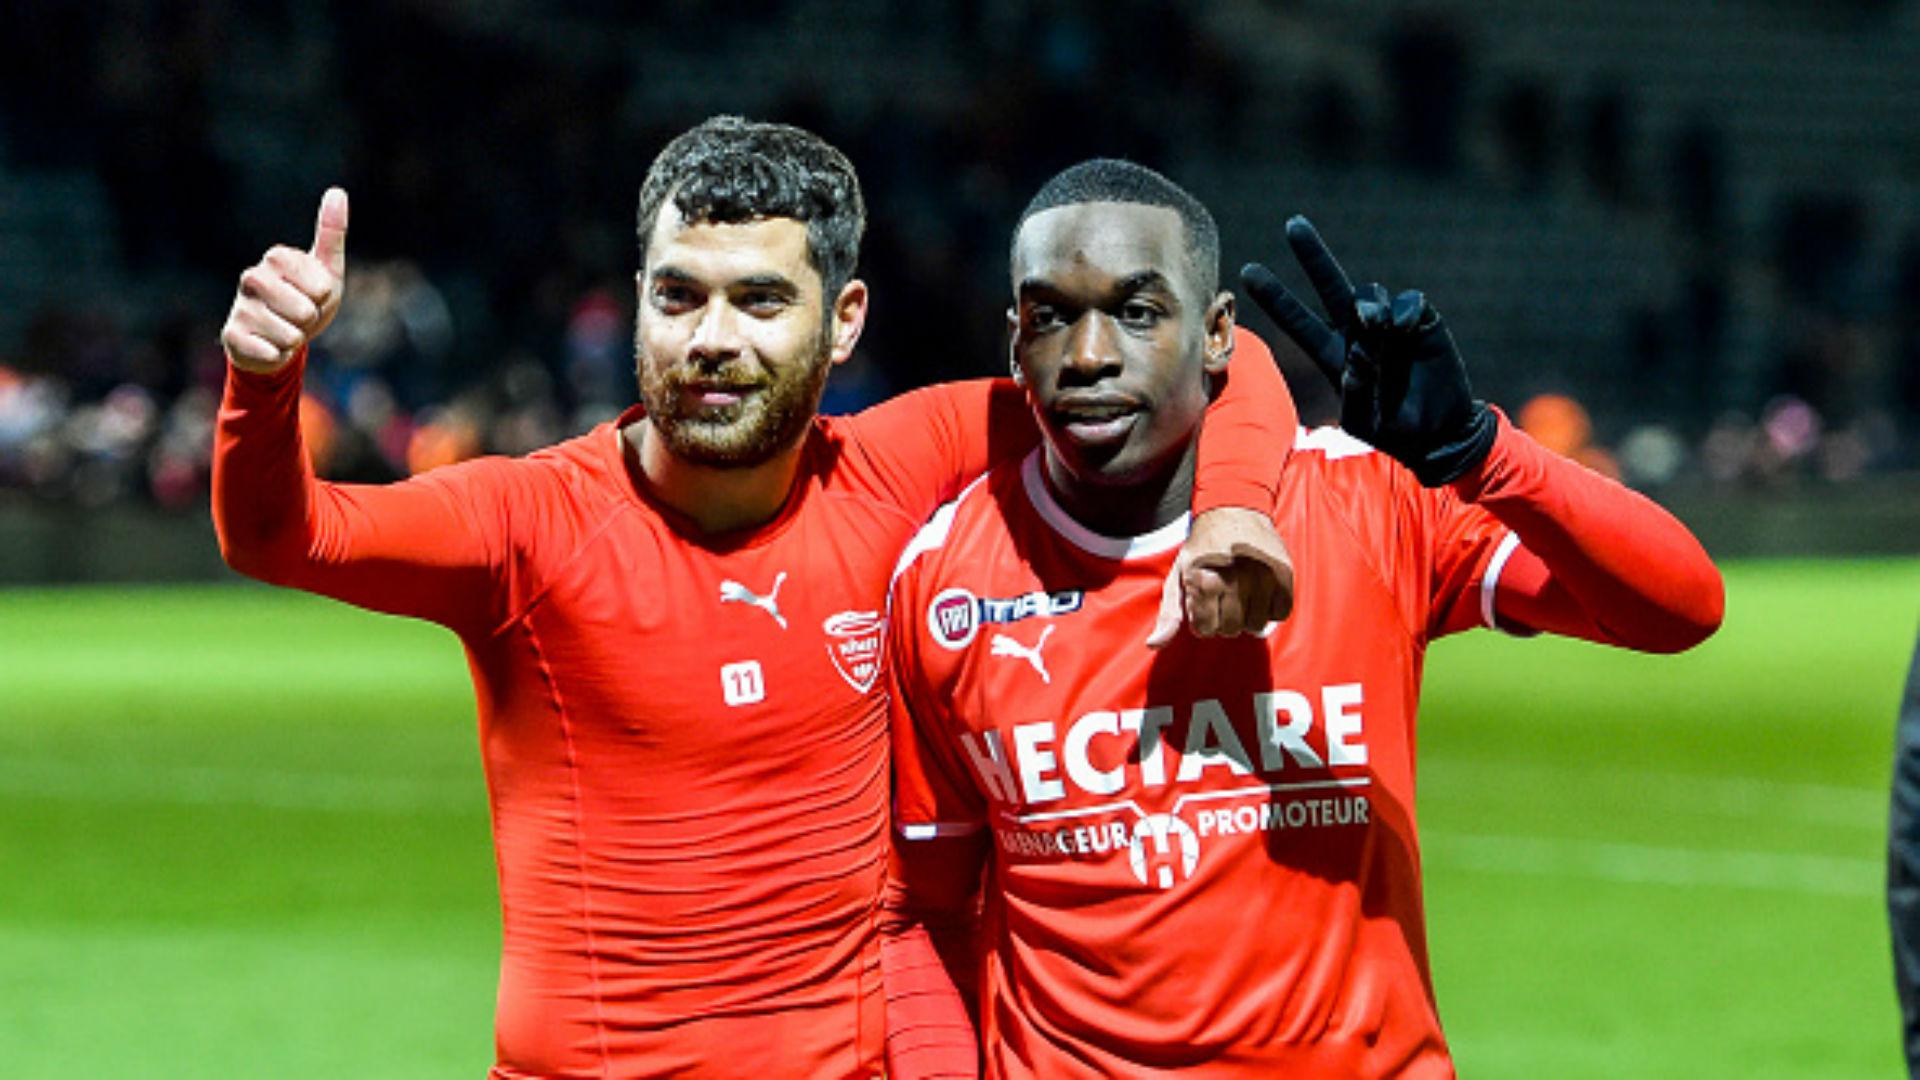 Nîmes : le calendrier de Ligue 1 pour la saison 2019-2020